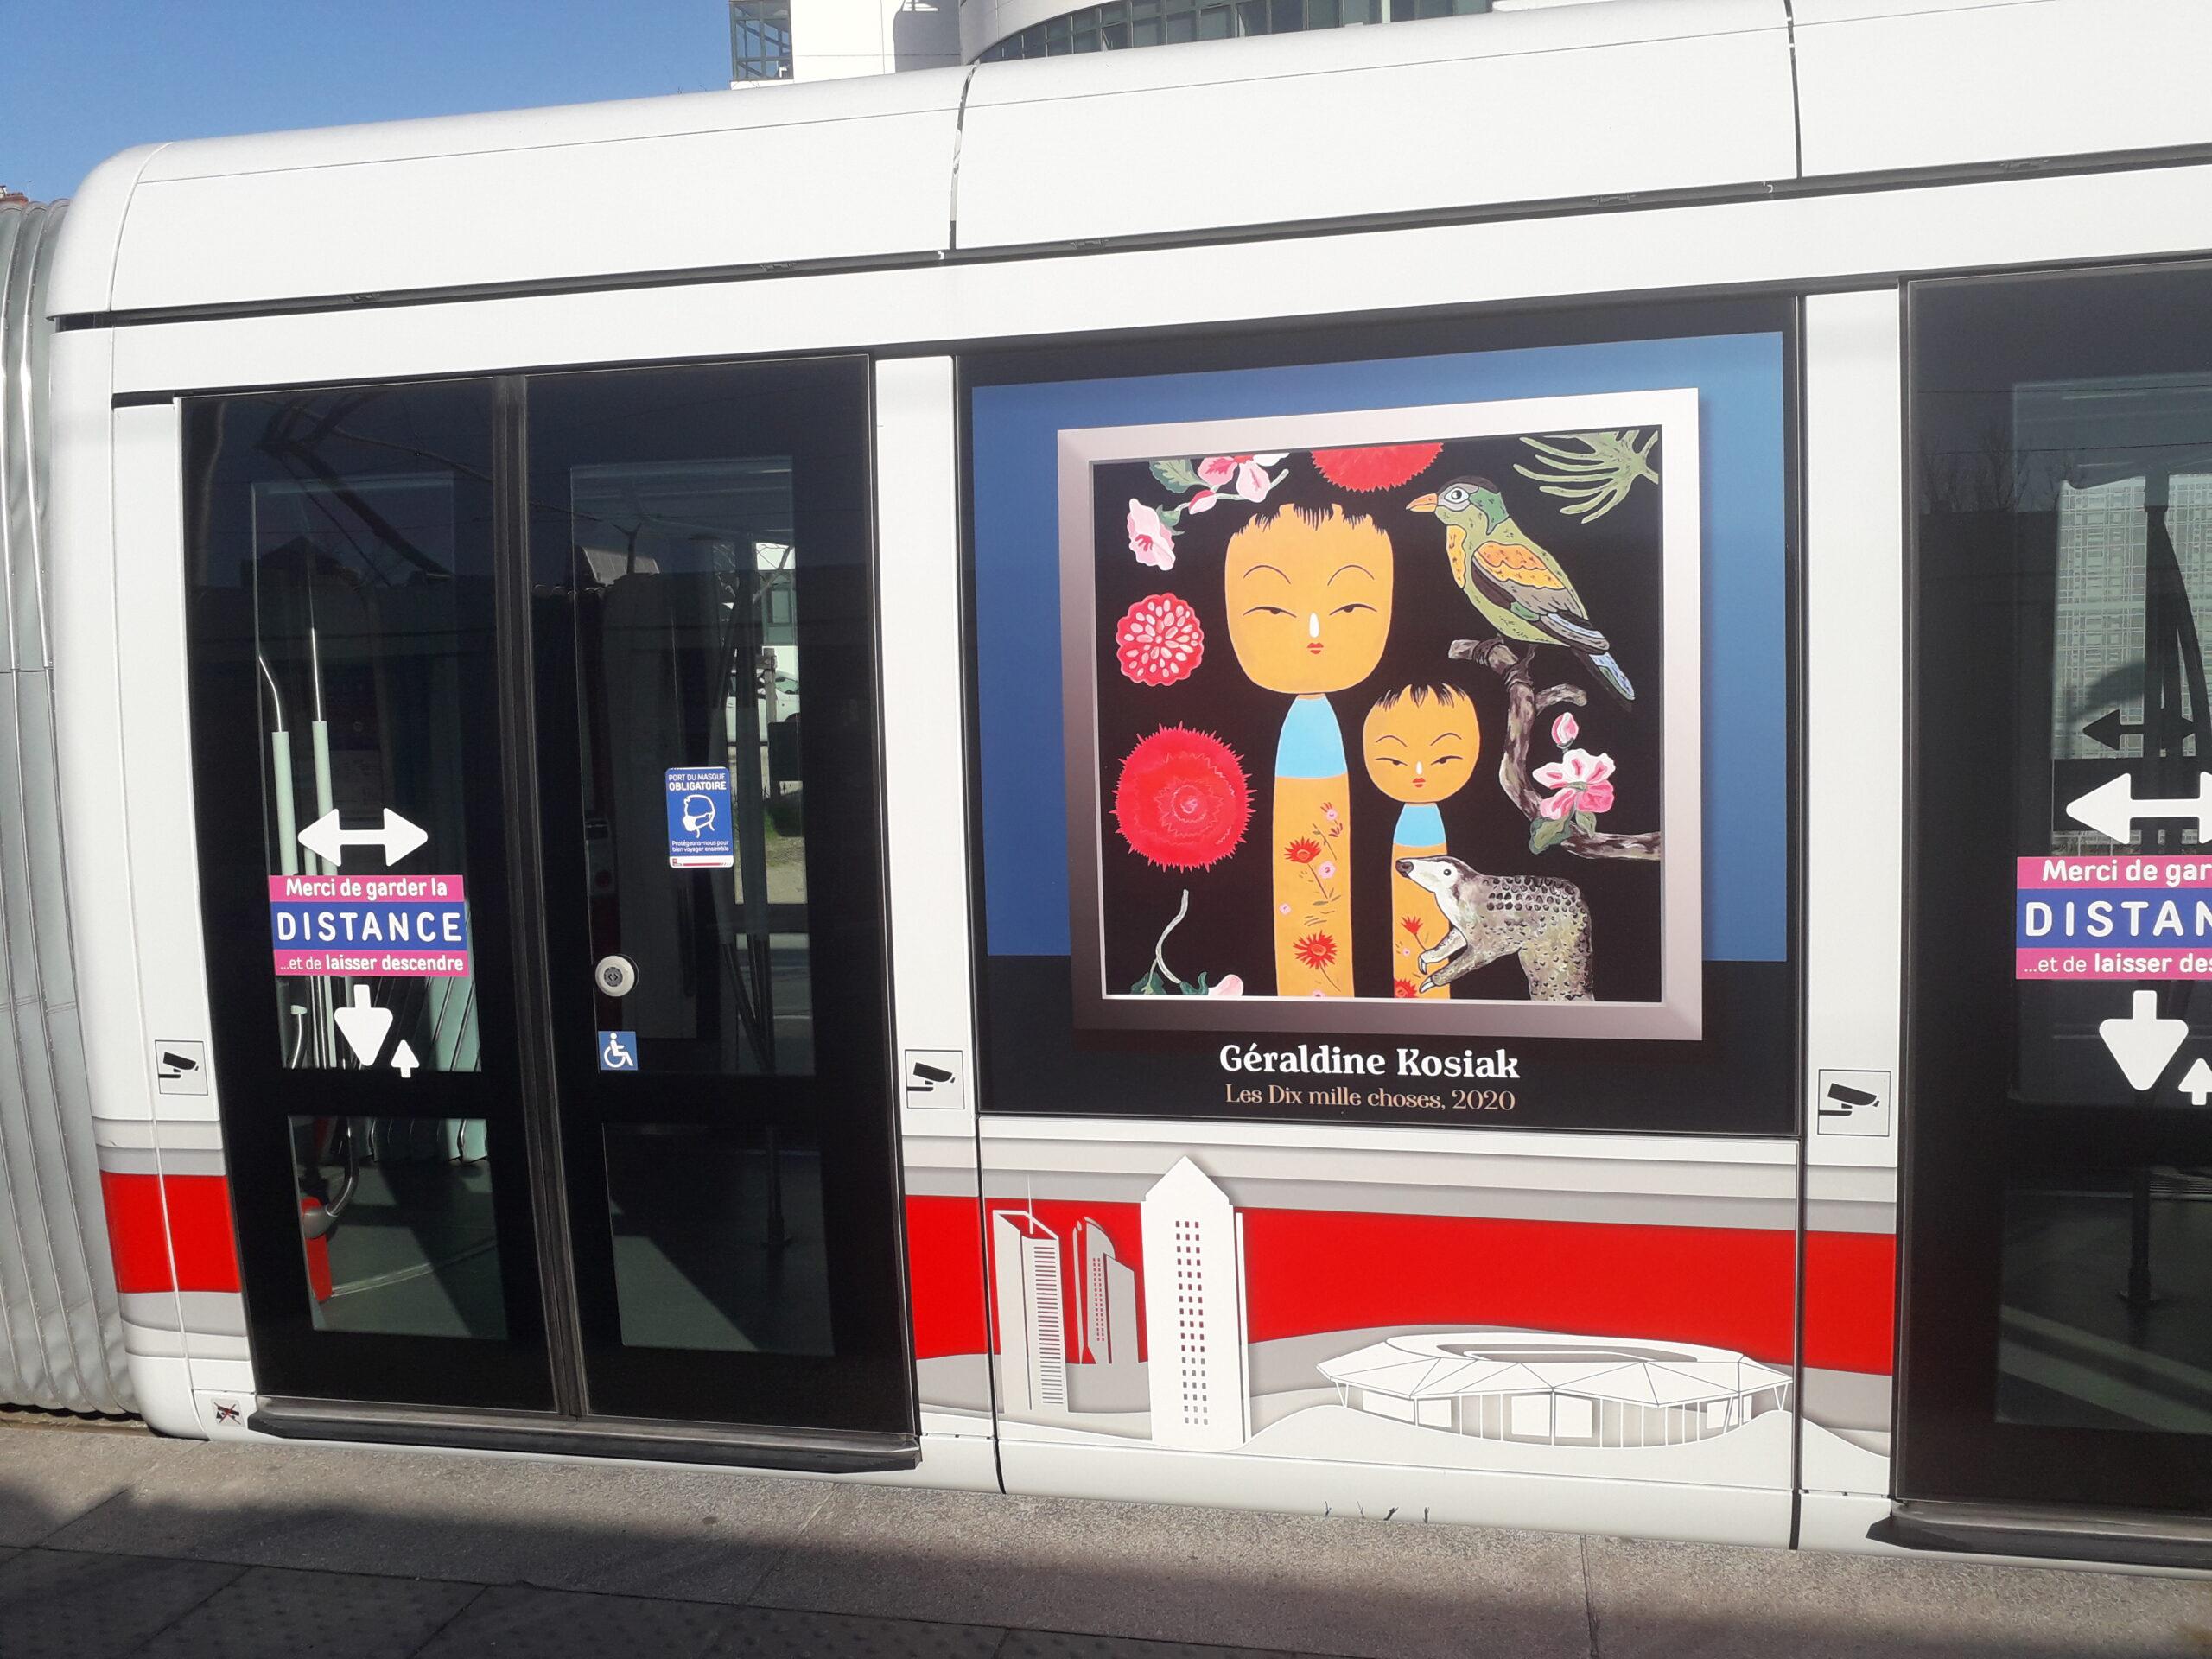 Exposition hors les murs sur un tram, à Lyon @AnthonyFaure